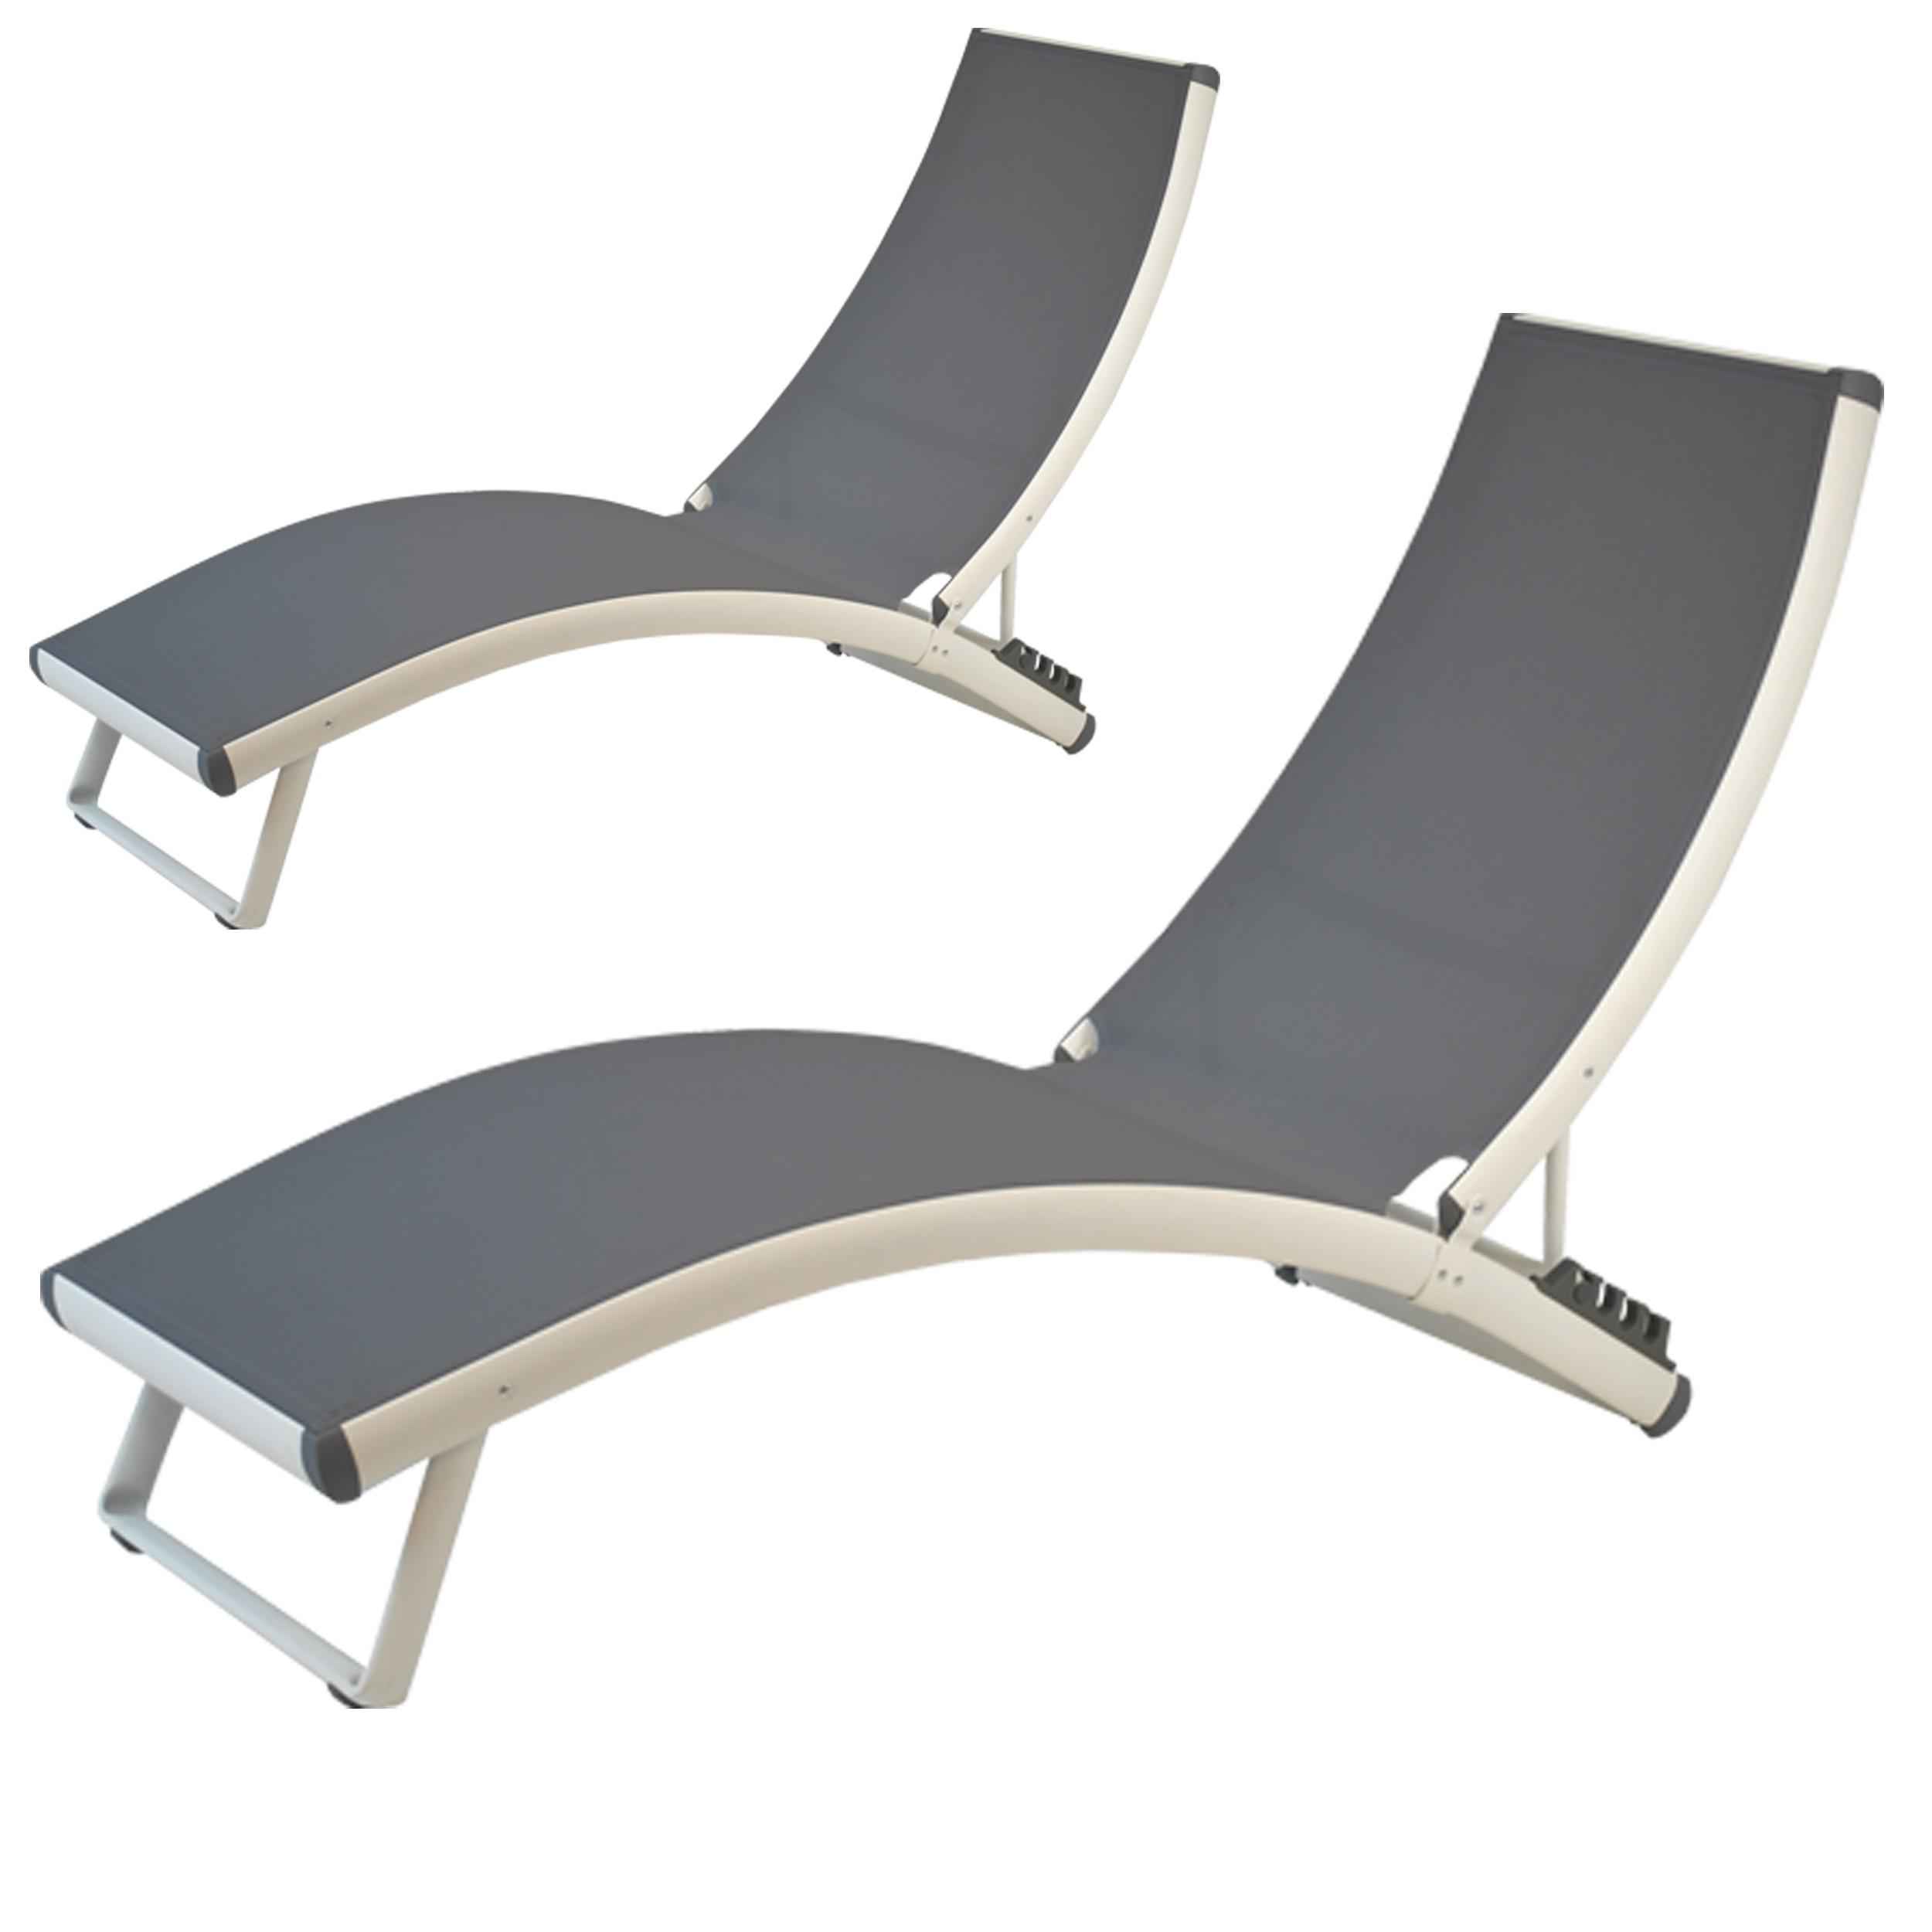 transat bilbao gris blanc lot de 2 relaxez vous dans. Black Bedroom Furniture Sets. Home Design Ideas